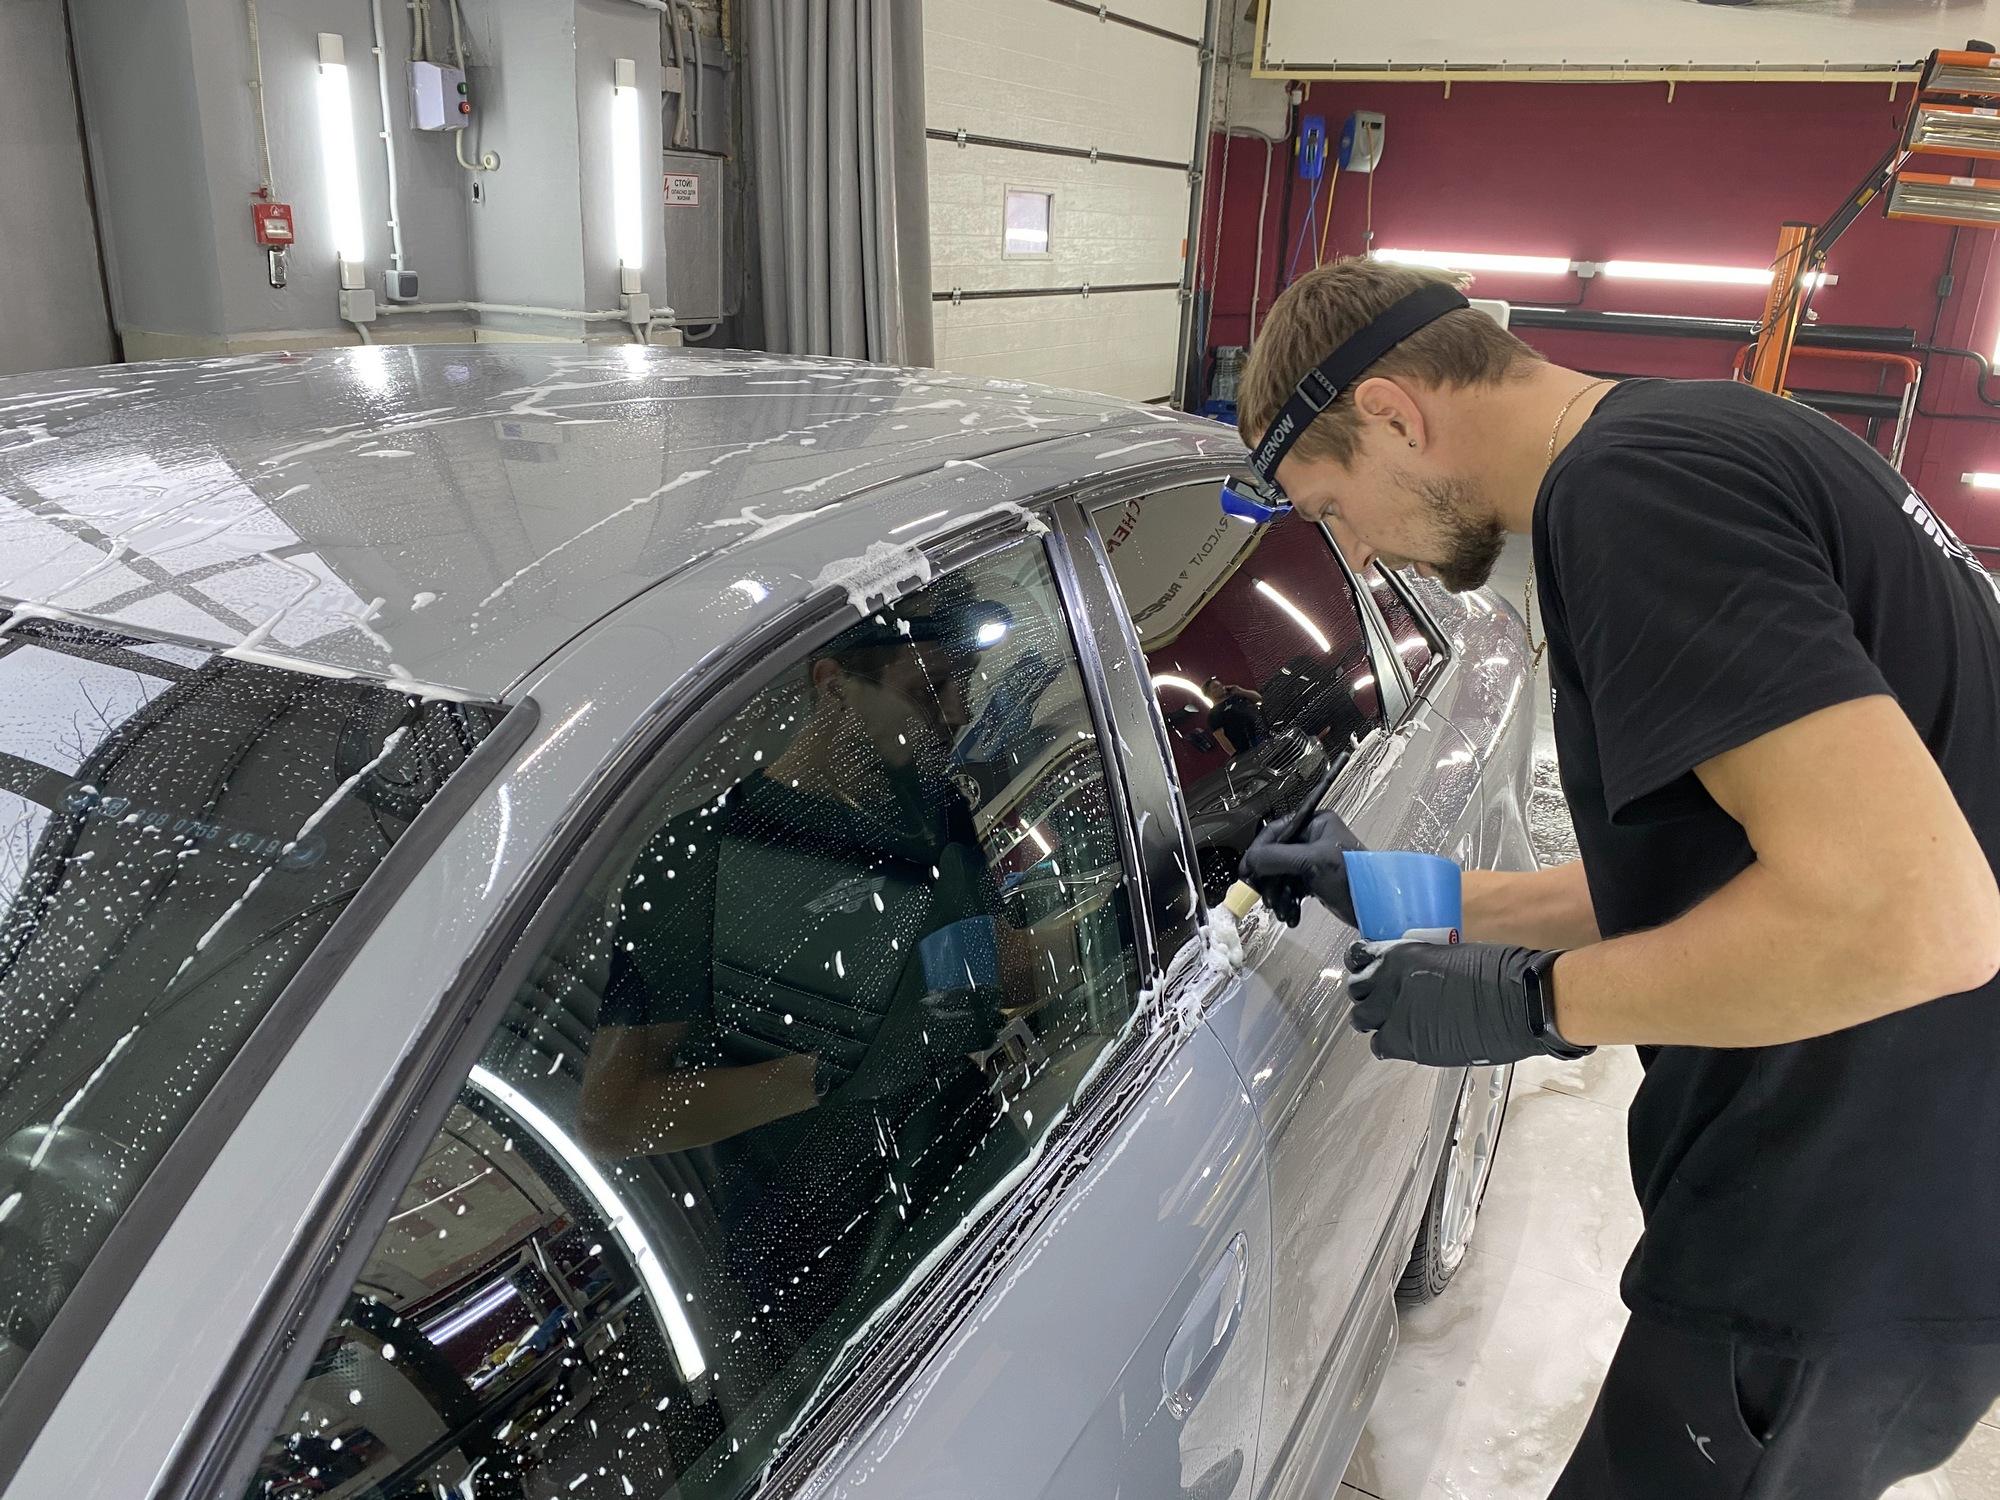 Мастер чистит дверь автомобиля кисточкой.